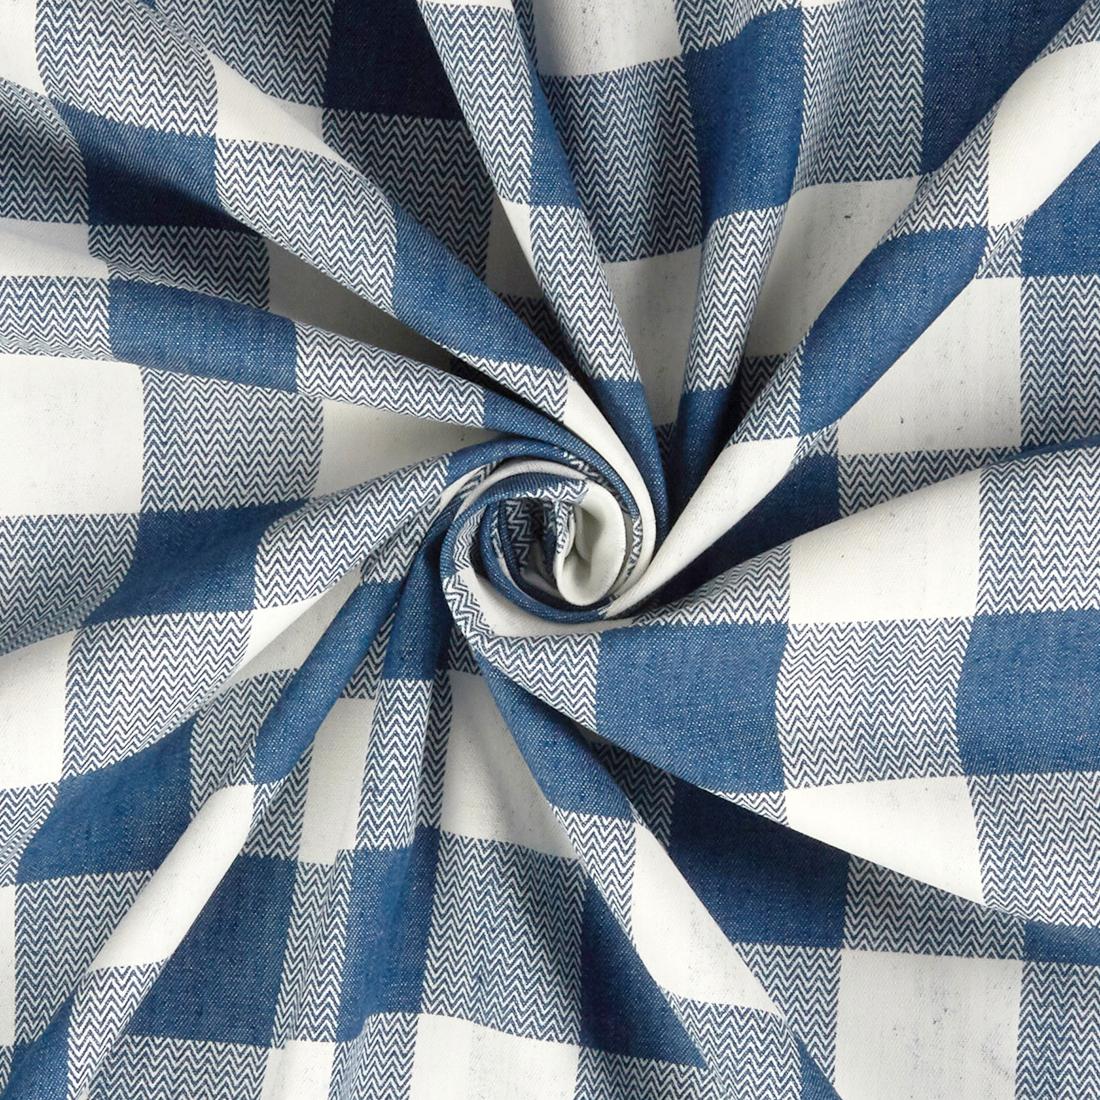 Herringbone Gingham Blue White Dress Fabric